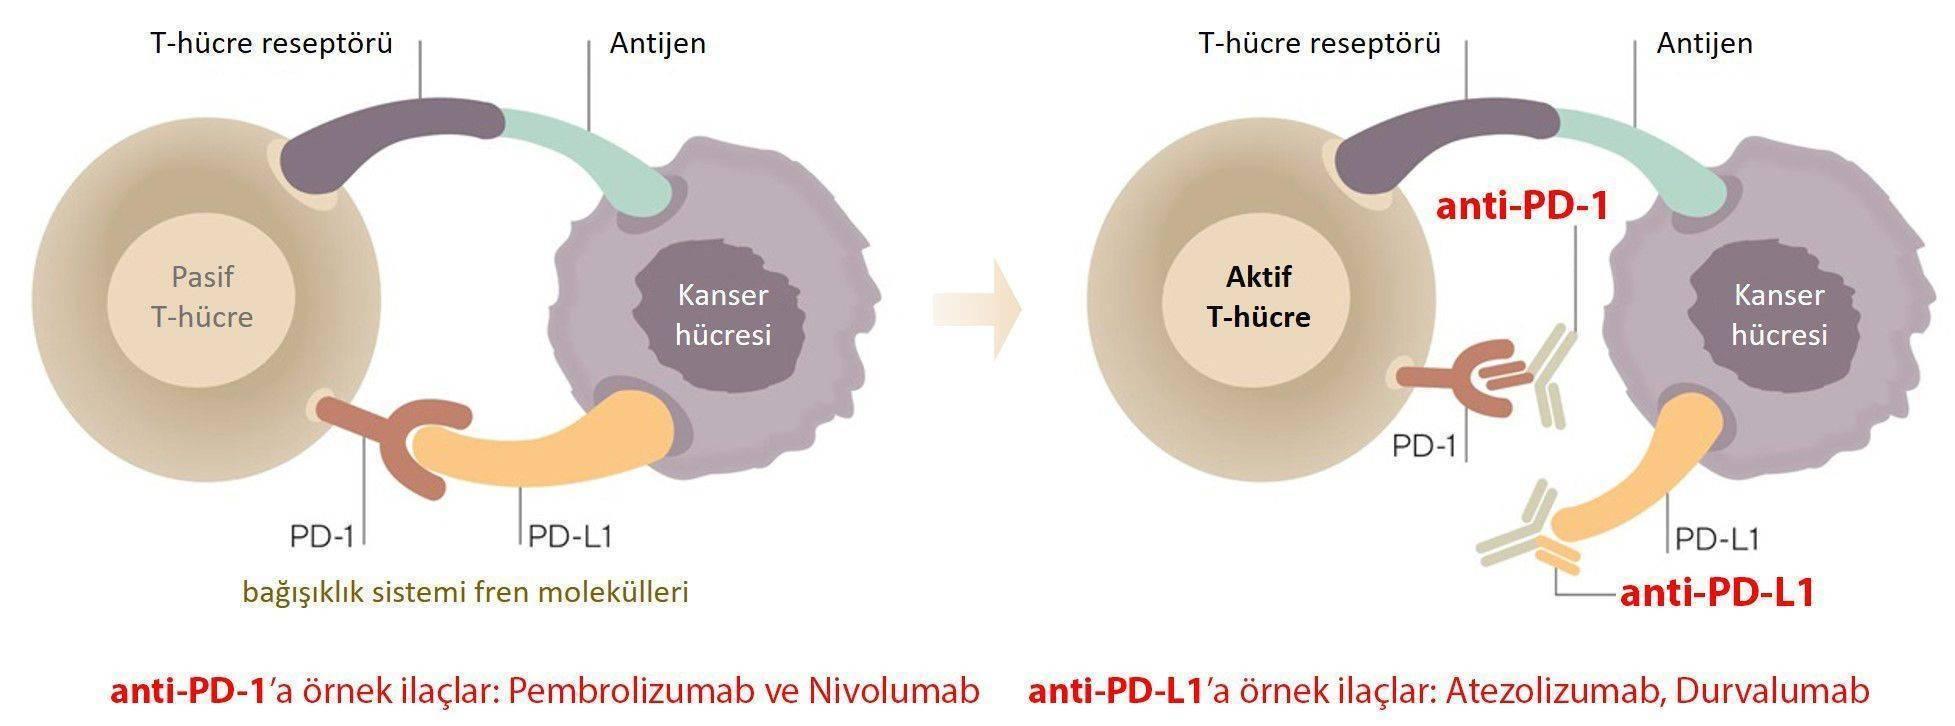 immun kontrol noktasi duzenleyicileri inhibitorleri pembrolizumab keytruda nivolumab opdivo